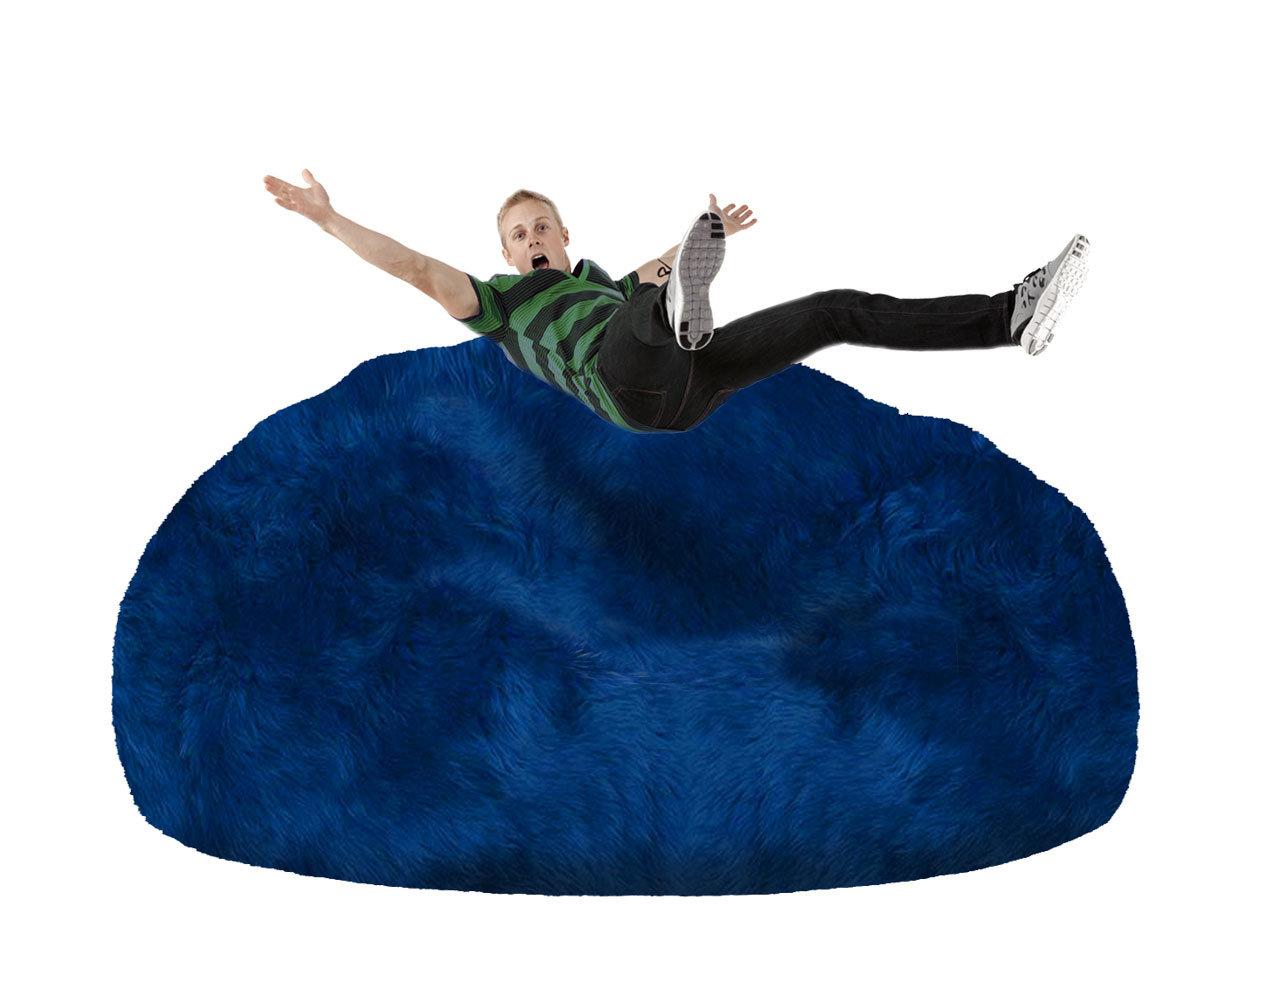 Blue Giant Bean Bag Chair - FIBRE By AUSKIN Giant Sheepskin Bean Bag Chair – Ultimate Sheepskin